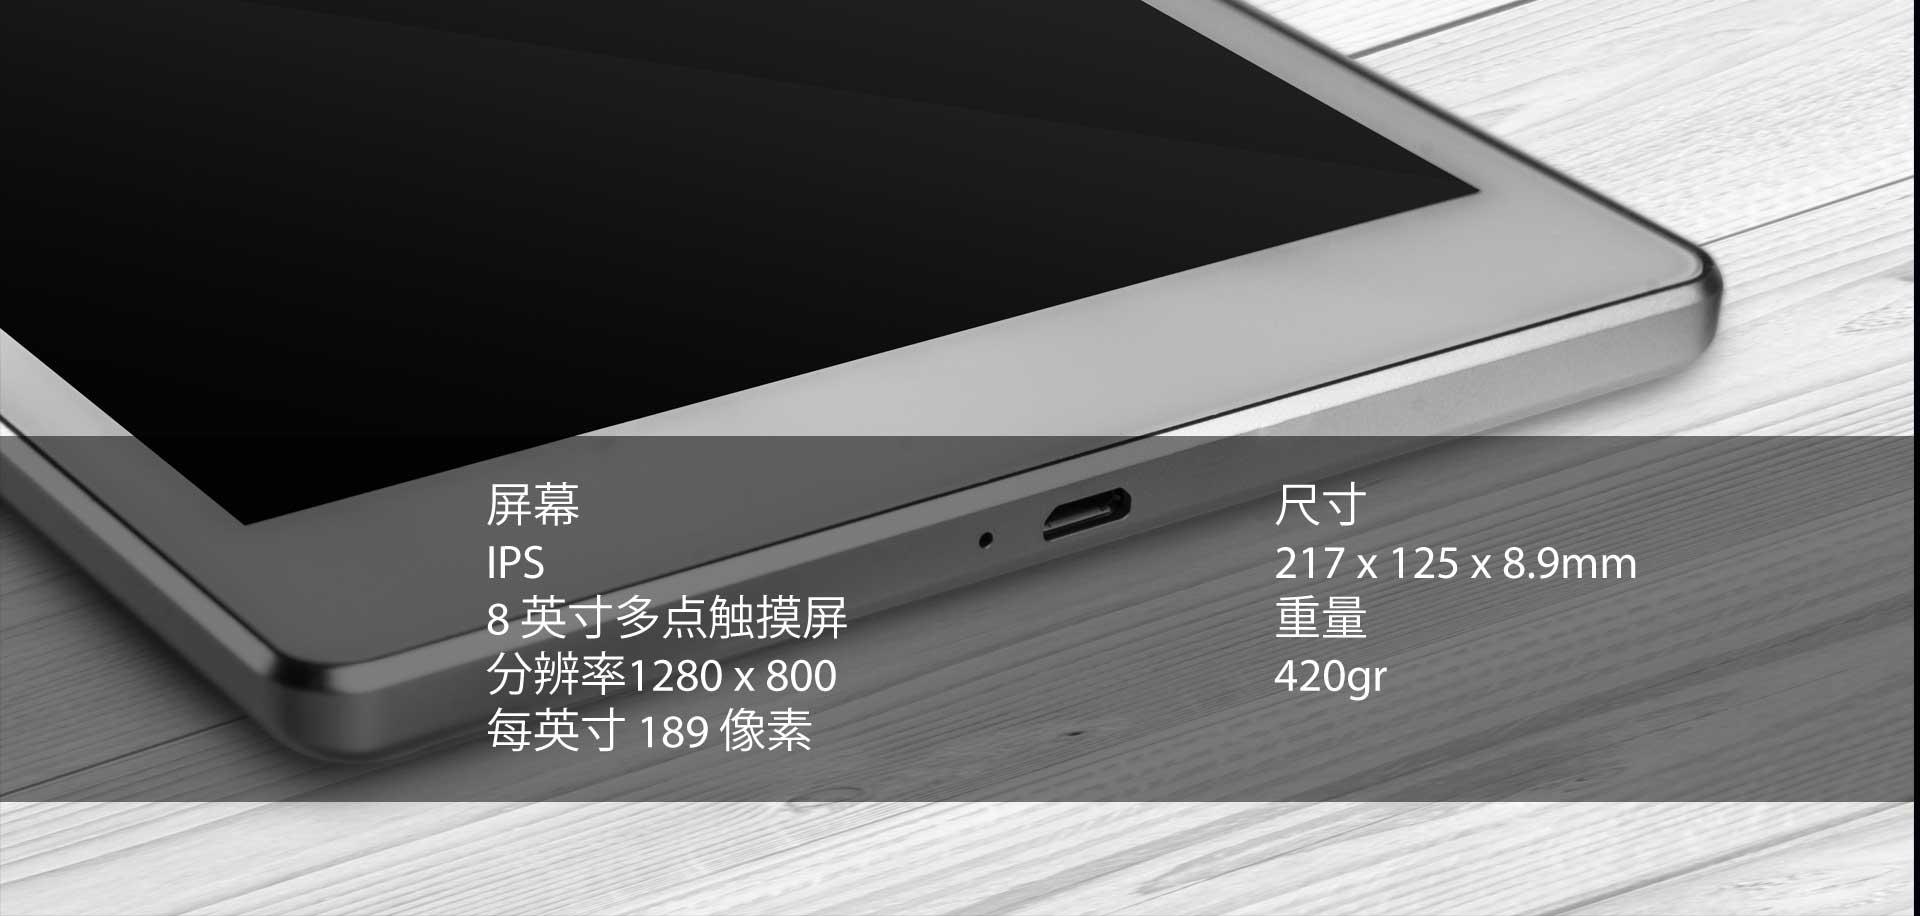 design-852